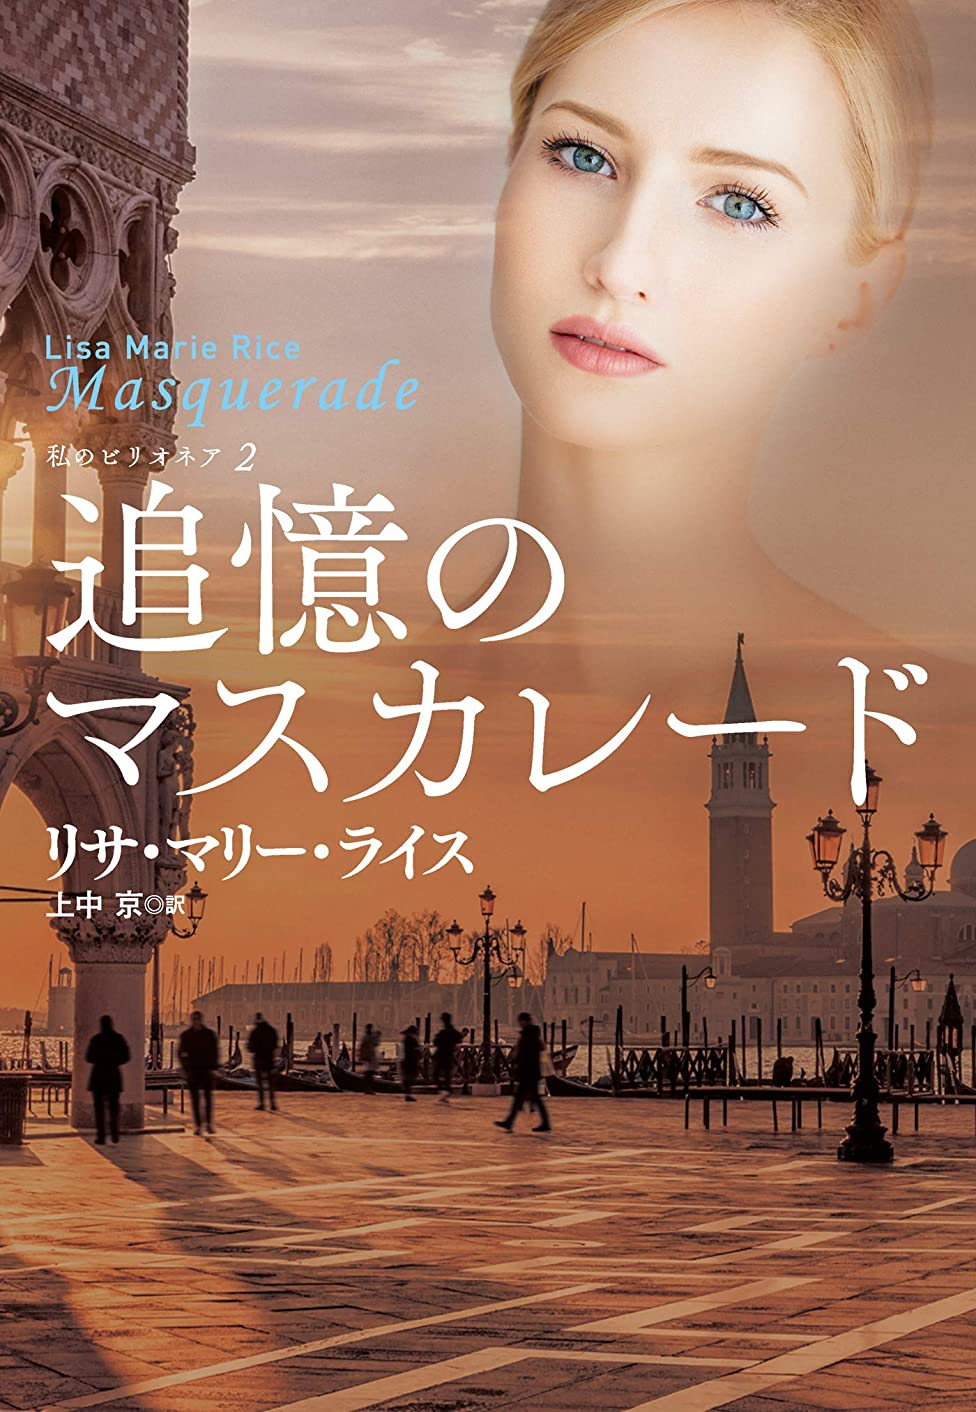 環境に優しいアンティーク最適追憶のマスカレード 私のビリオネアシリーズ (扶桑社BOOKSロマンス)